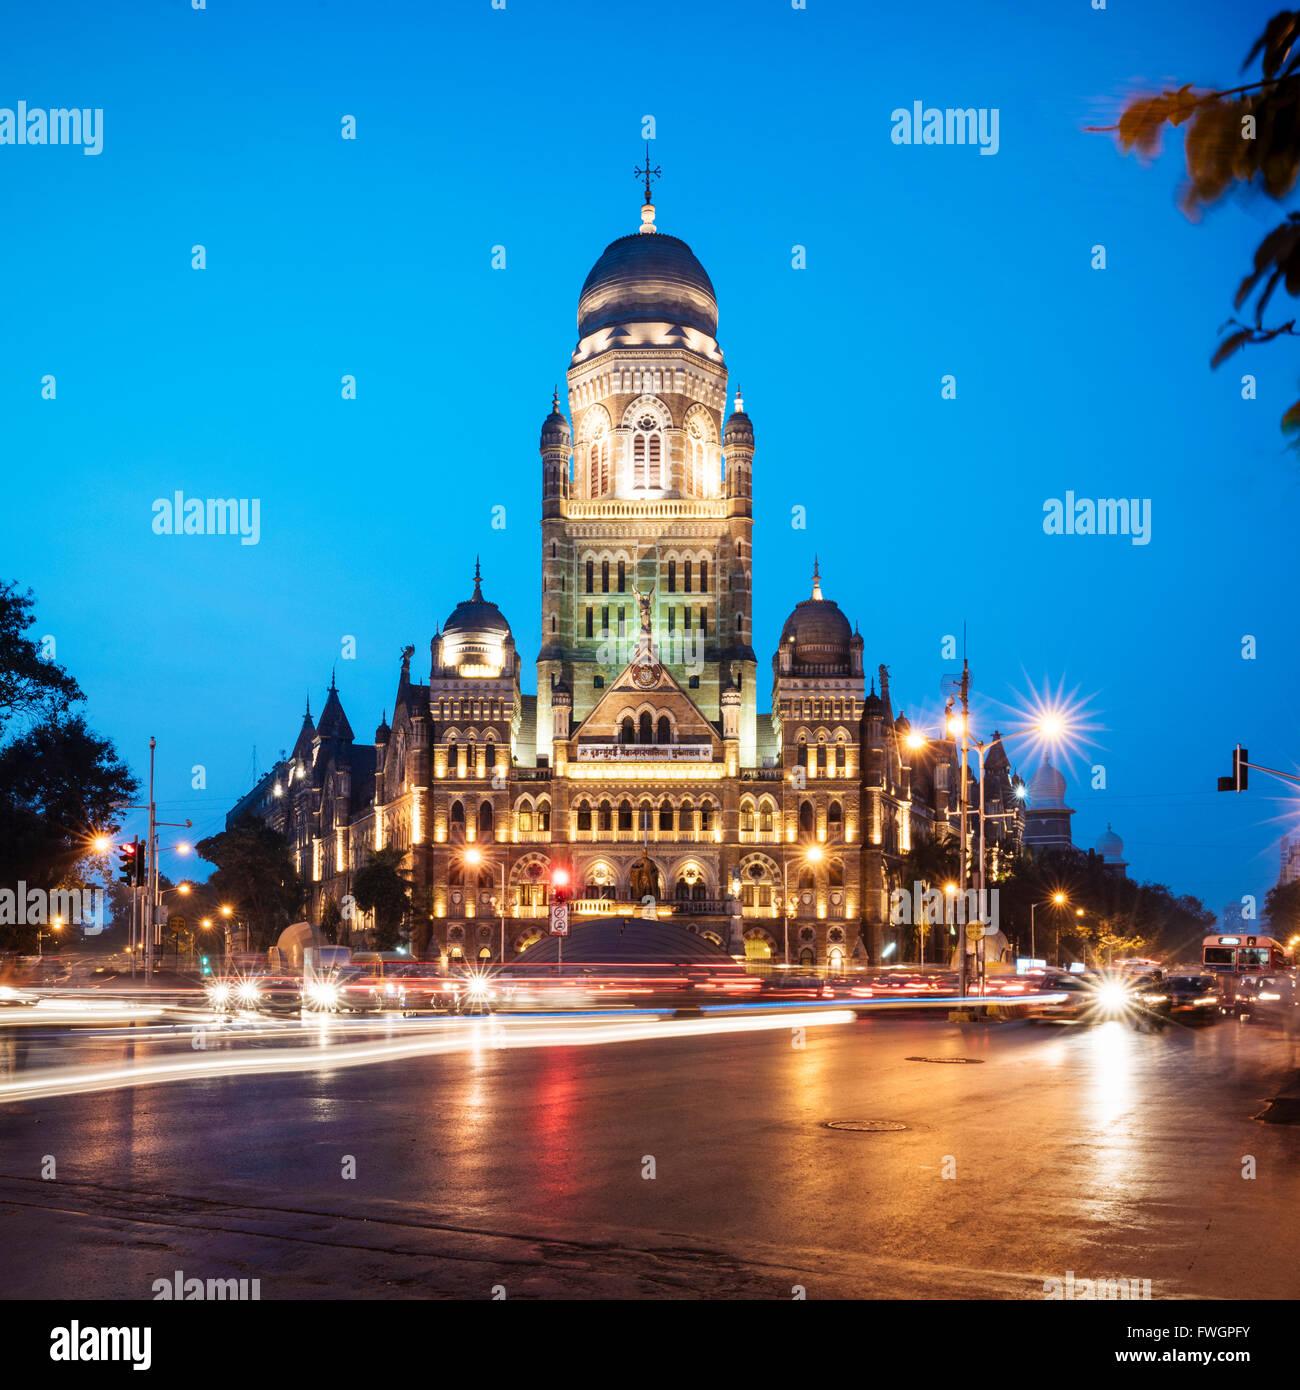 Exterior of Mumbai Municipal corporation building, Mumbai (Bombay), India, South Asia - Stock Image